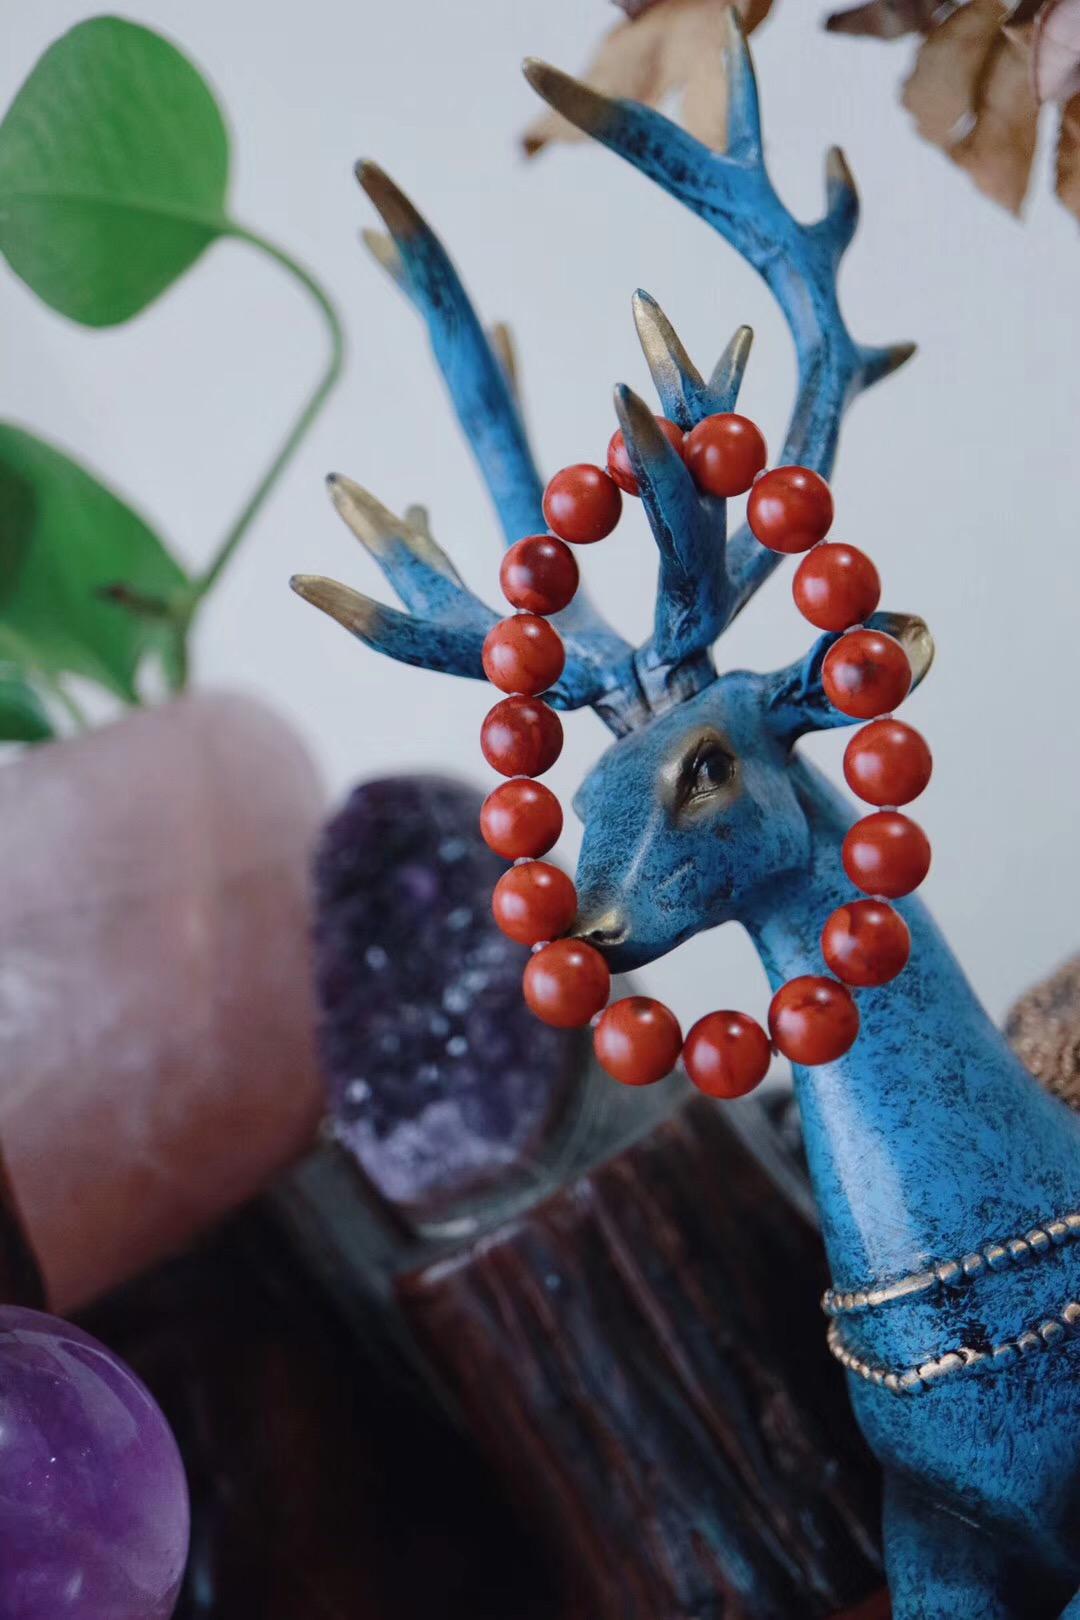 【包浆南红玛瑙】一抹岁月红,几多风情骨~-菩心晶舍